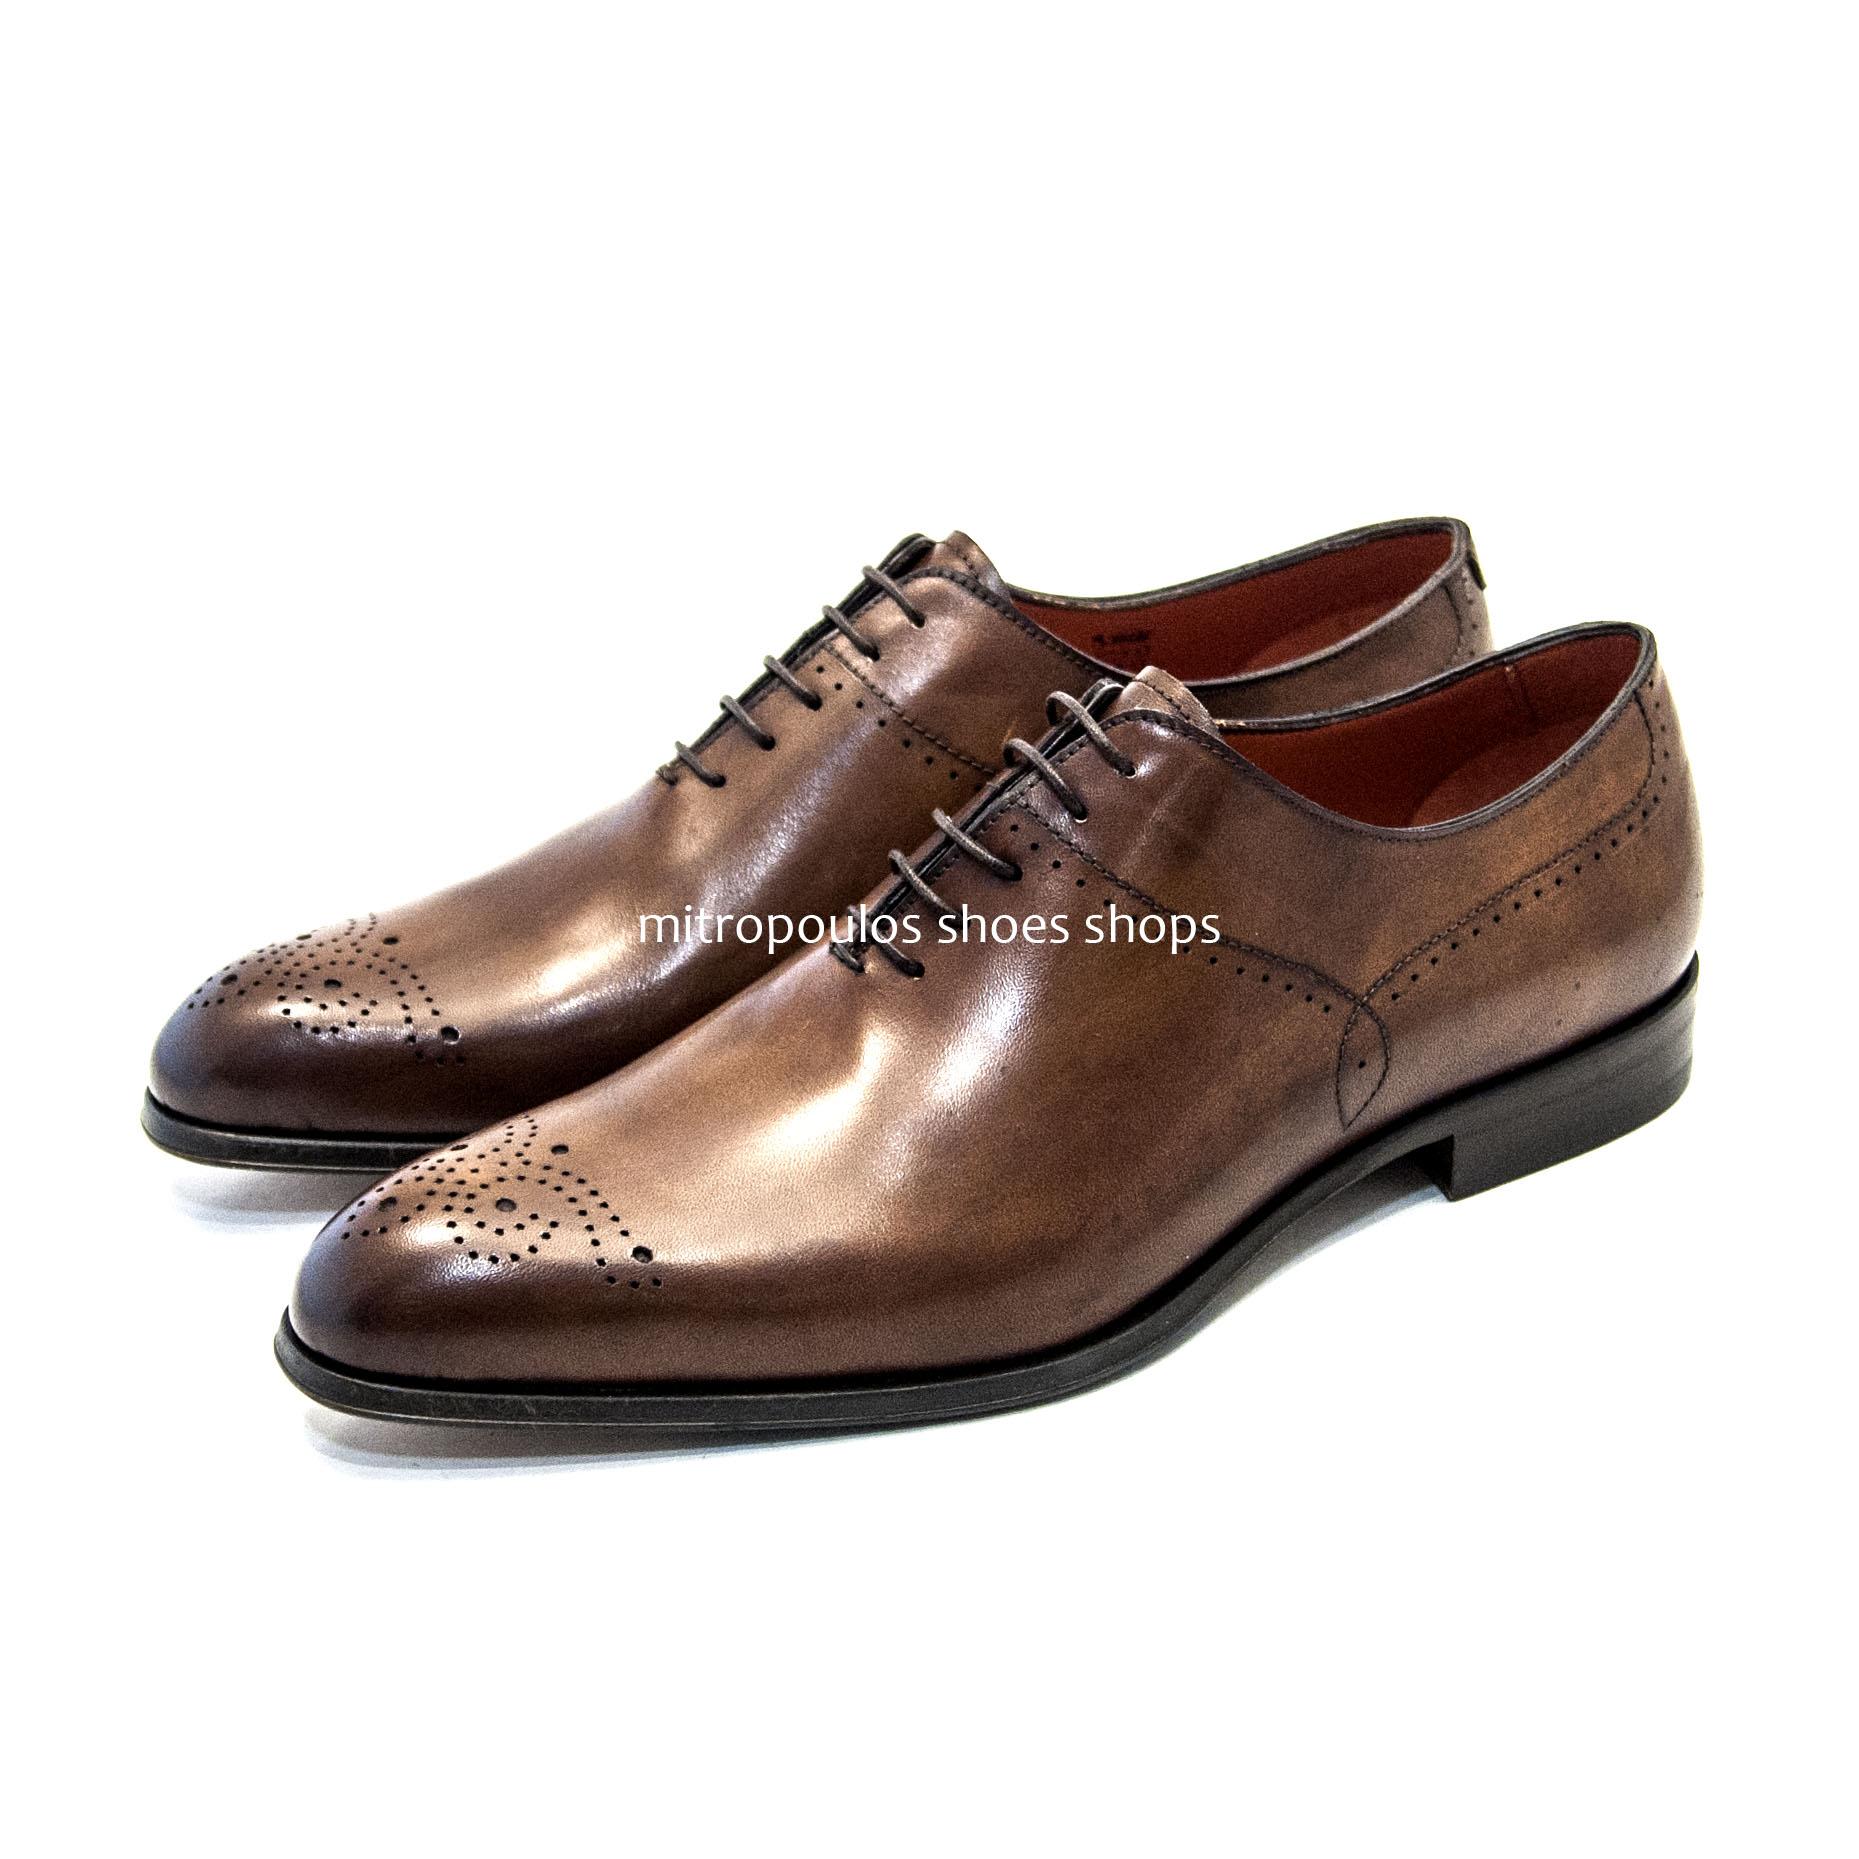 Αντρικό παπούτσι PERLA MODA